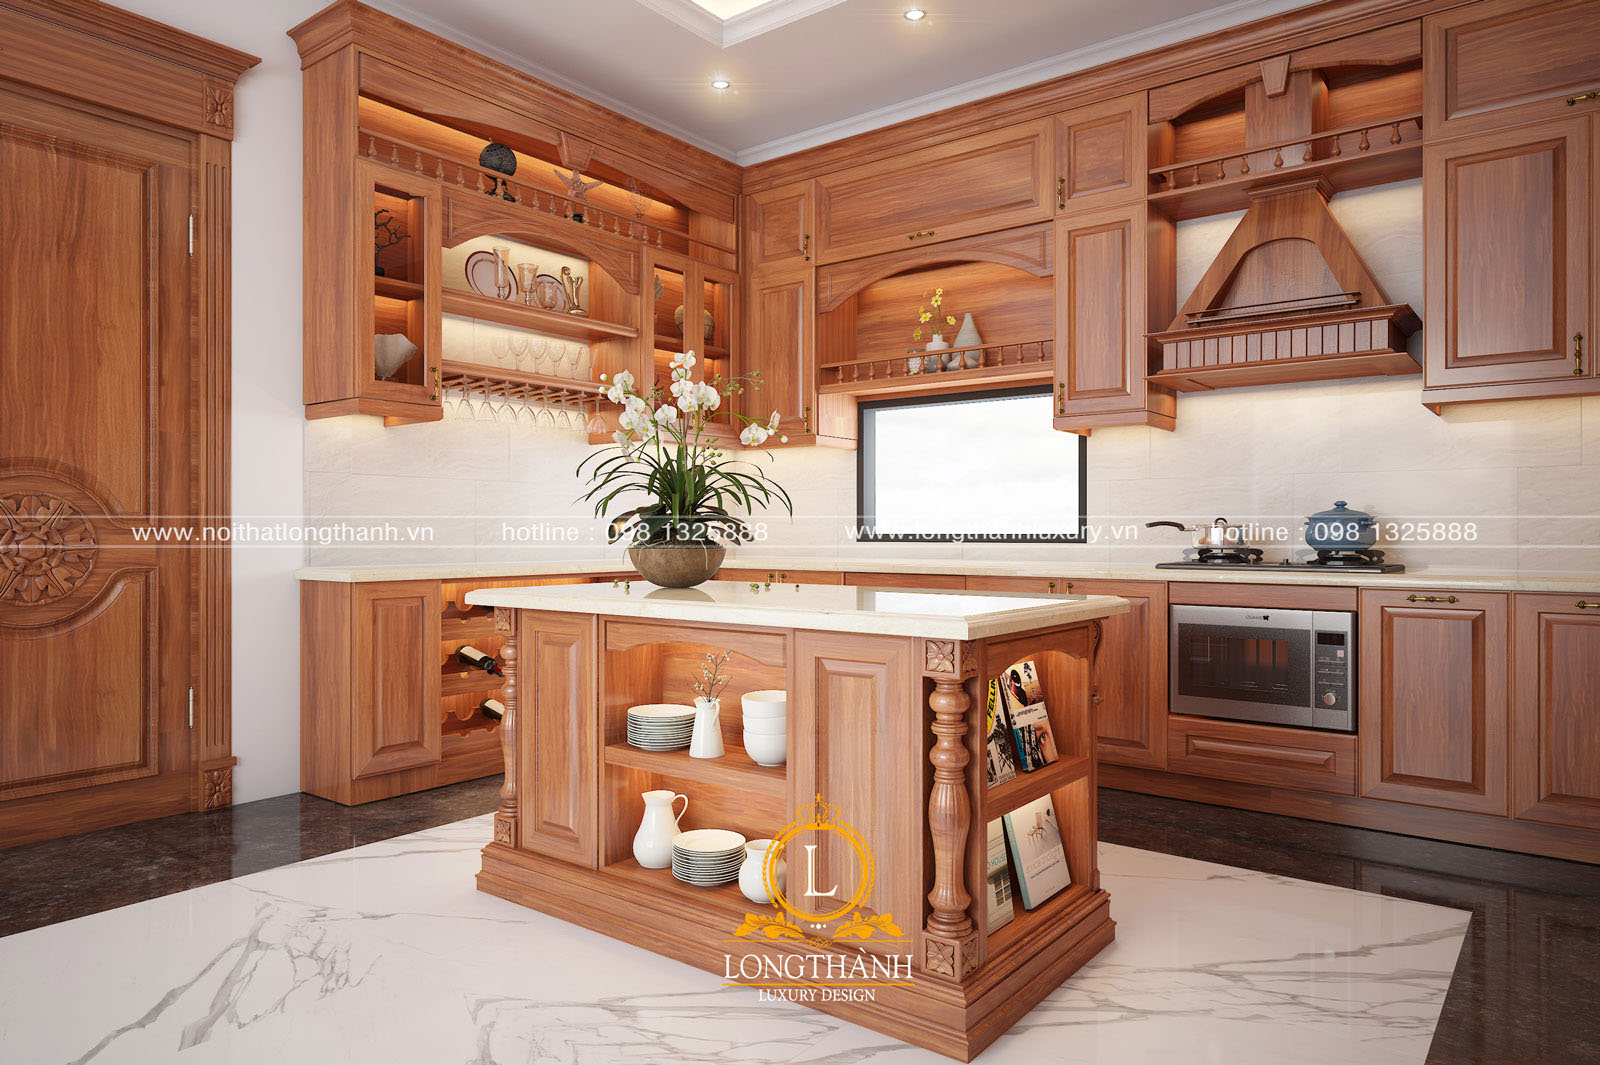 Mẫu thiết kế tủ bếp gỗ tự nhiên đẹp mã số LT 53 góc nhìn thứ 2